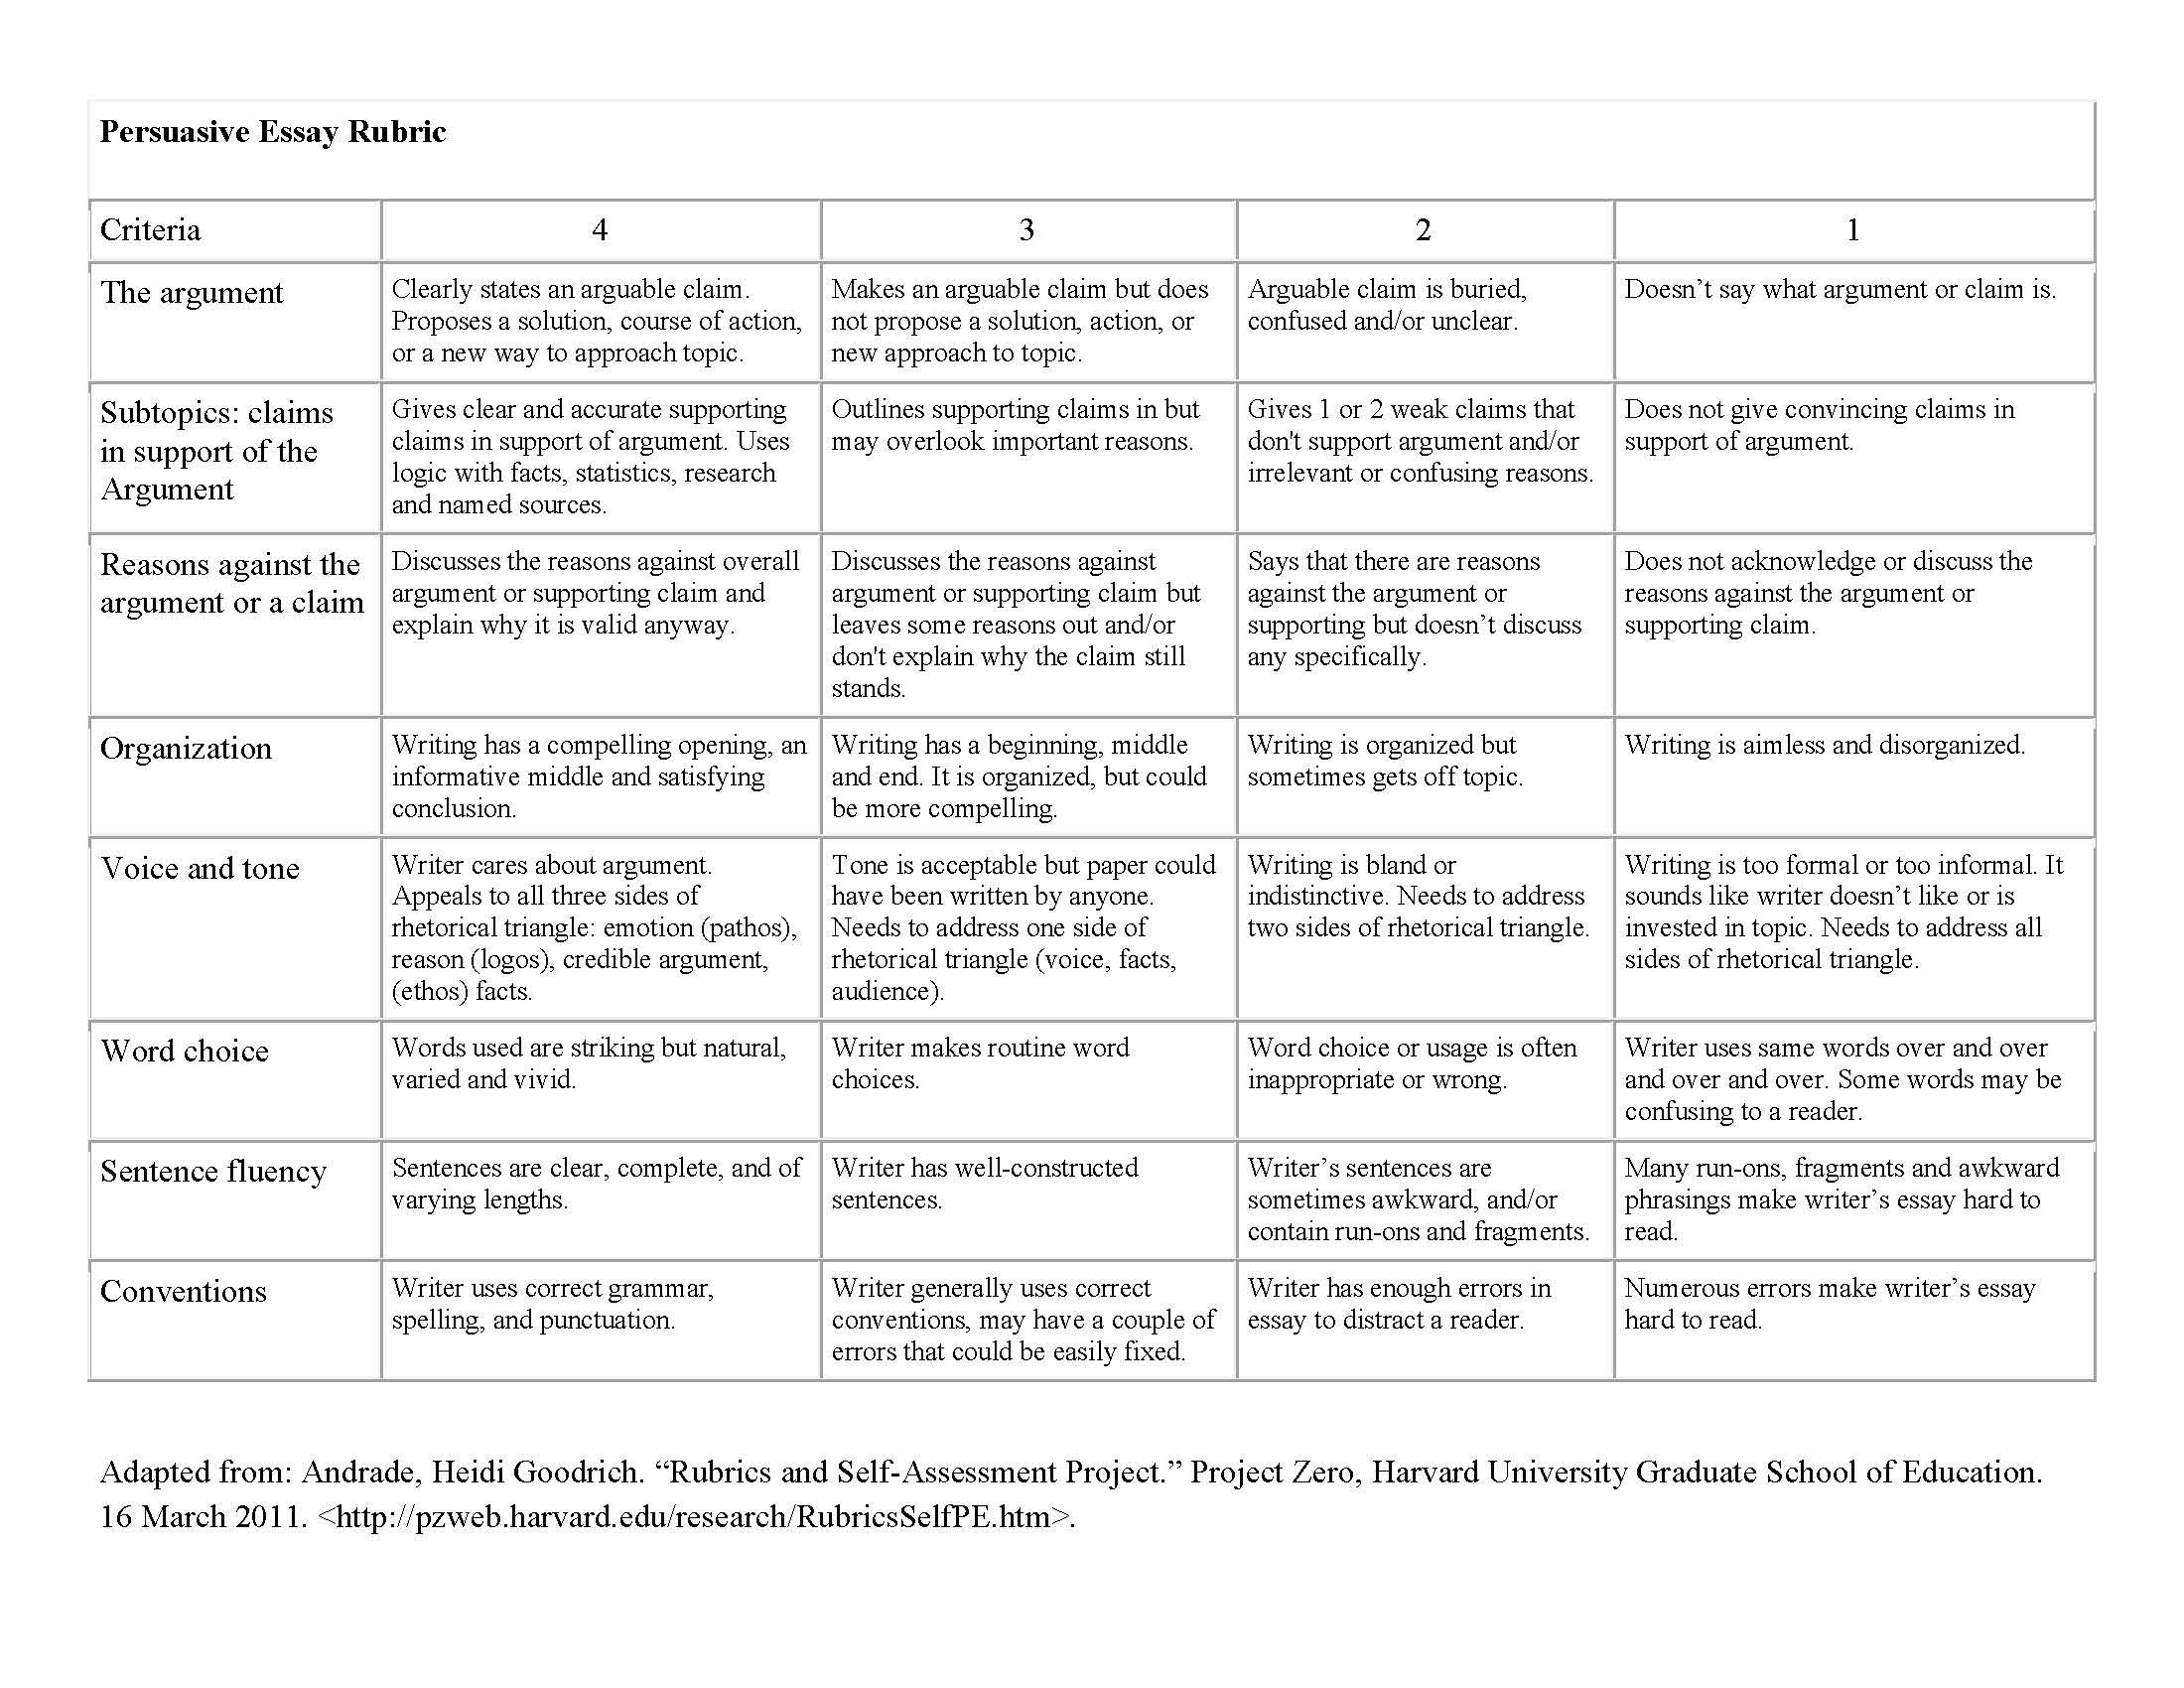 008 Essay Example Argumentative Rubric Handout Persuasive Surprising Grade 7 10th Full